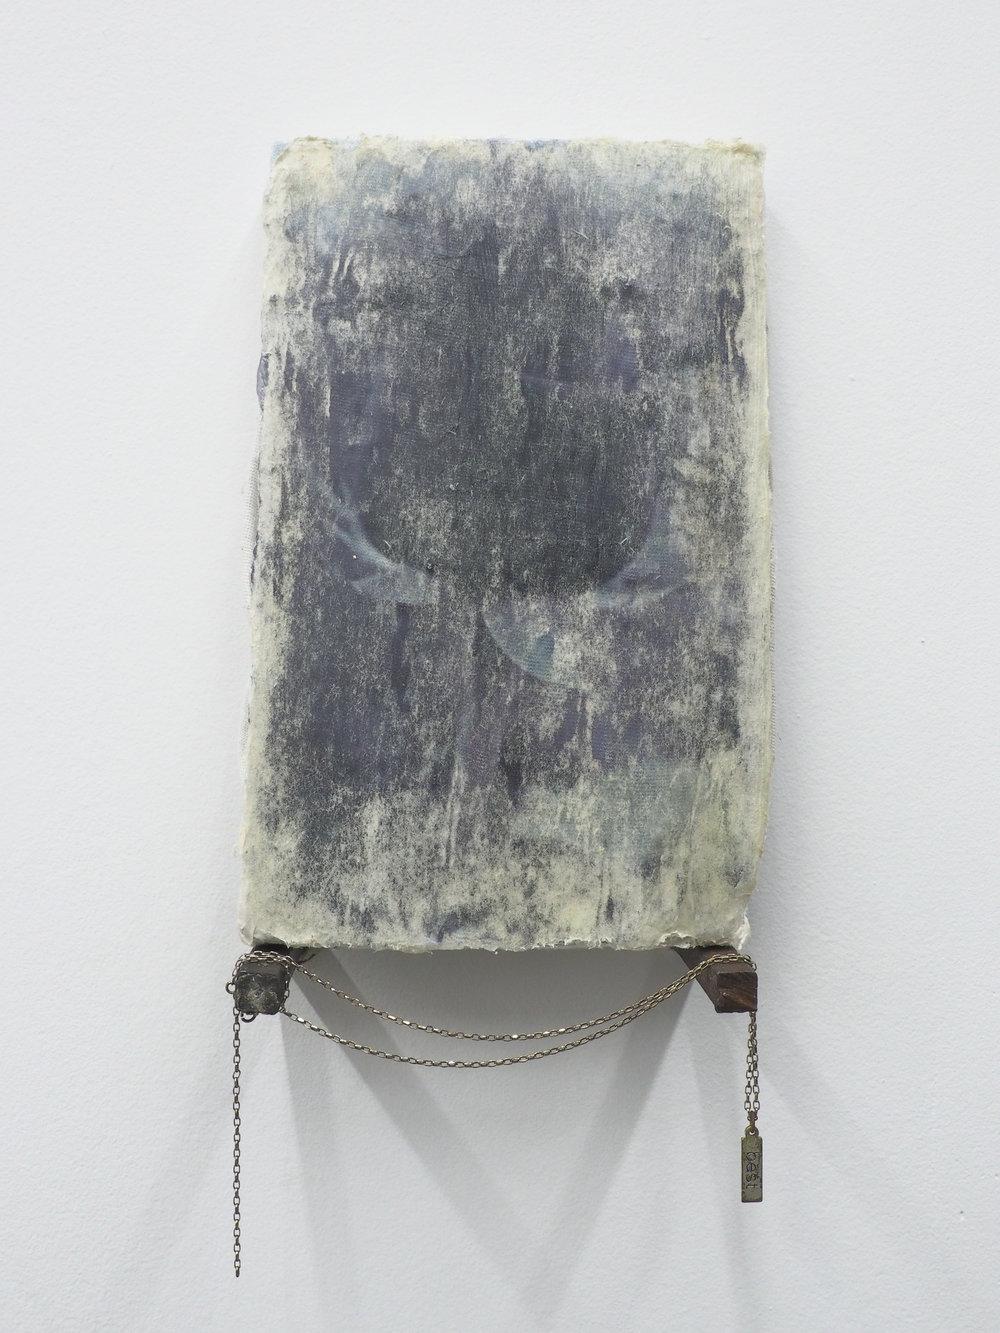 """Garrett Lockhart,  Misty rose , 2019, laser print on cotton, found plank, found chain and charm, salvaged metal 5.25"""" x 8.5"""""""